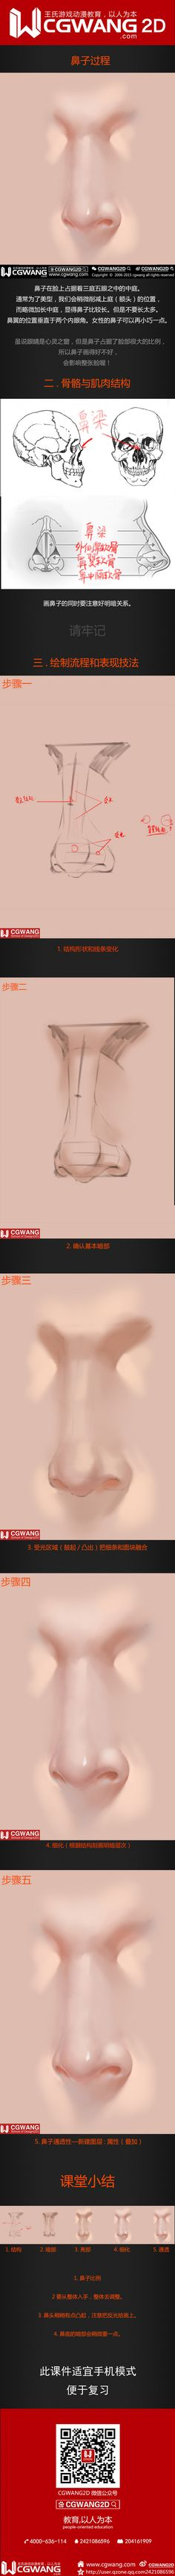 【CGWANG2D】每日教程《五官系列-...@简若明采集到绘画教程(2124图)_花瓣